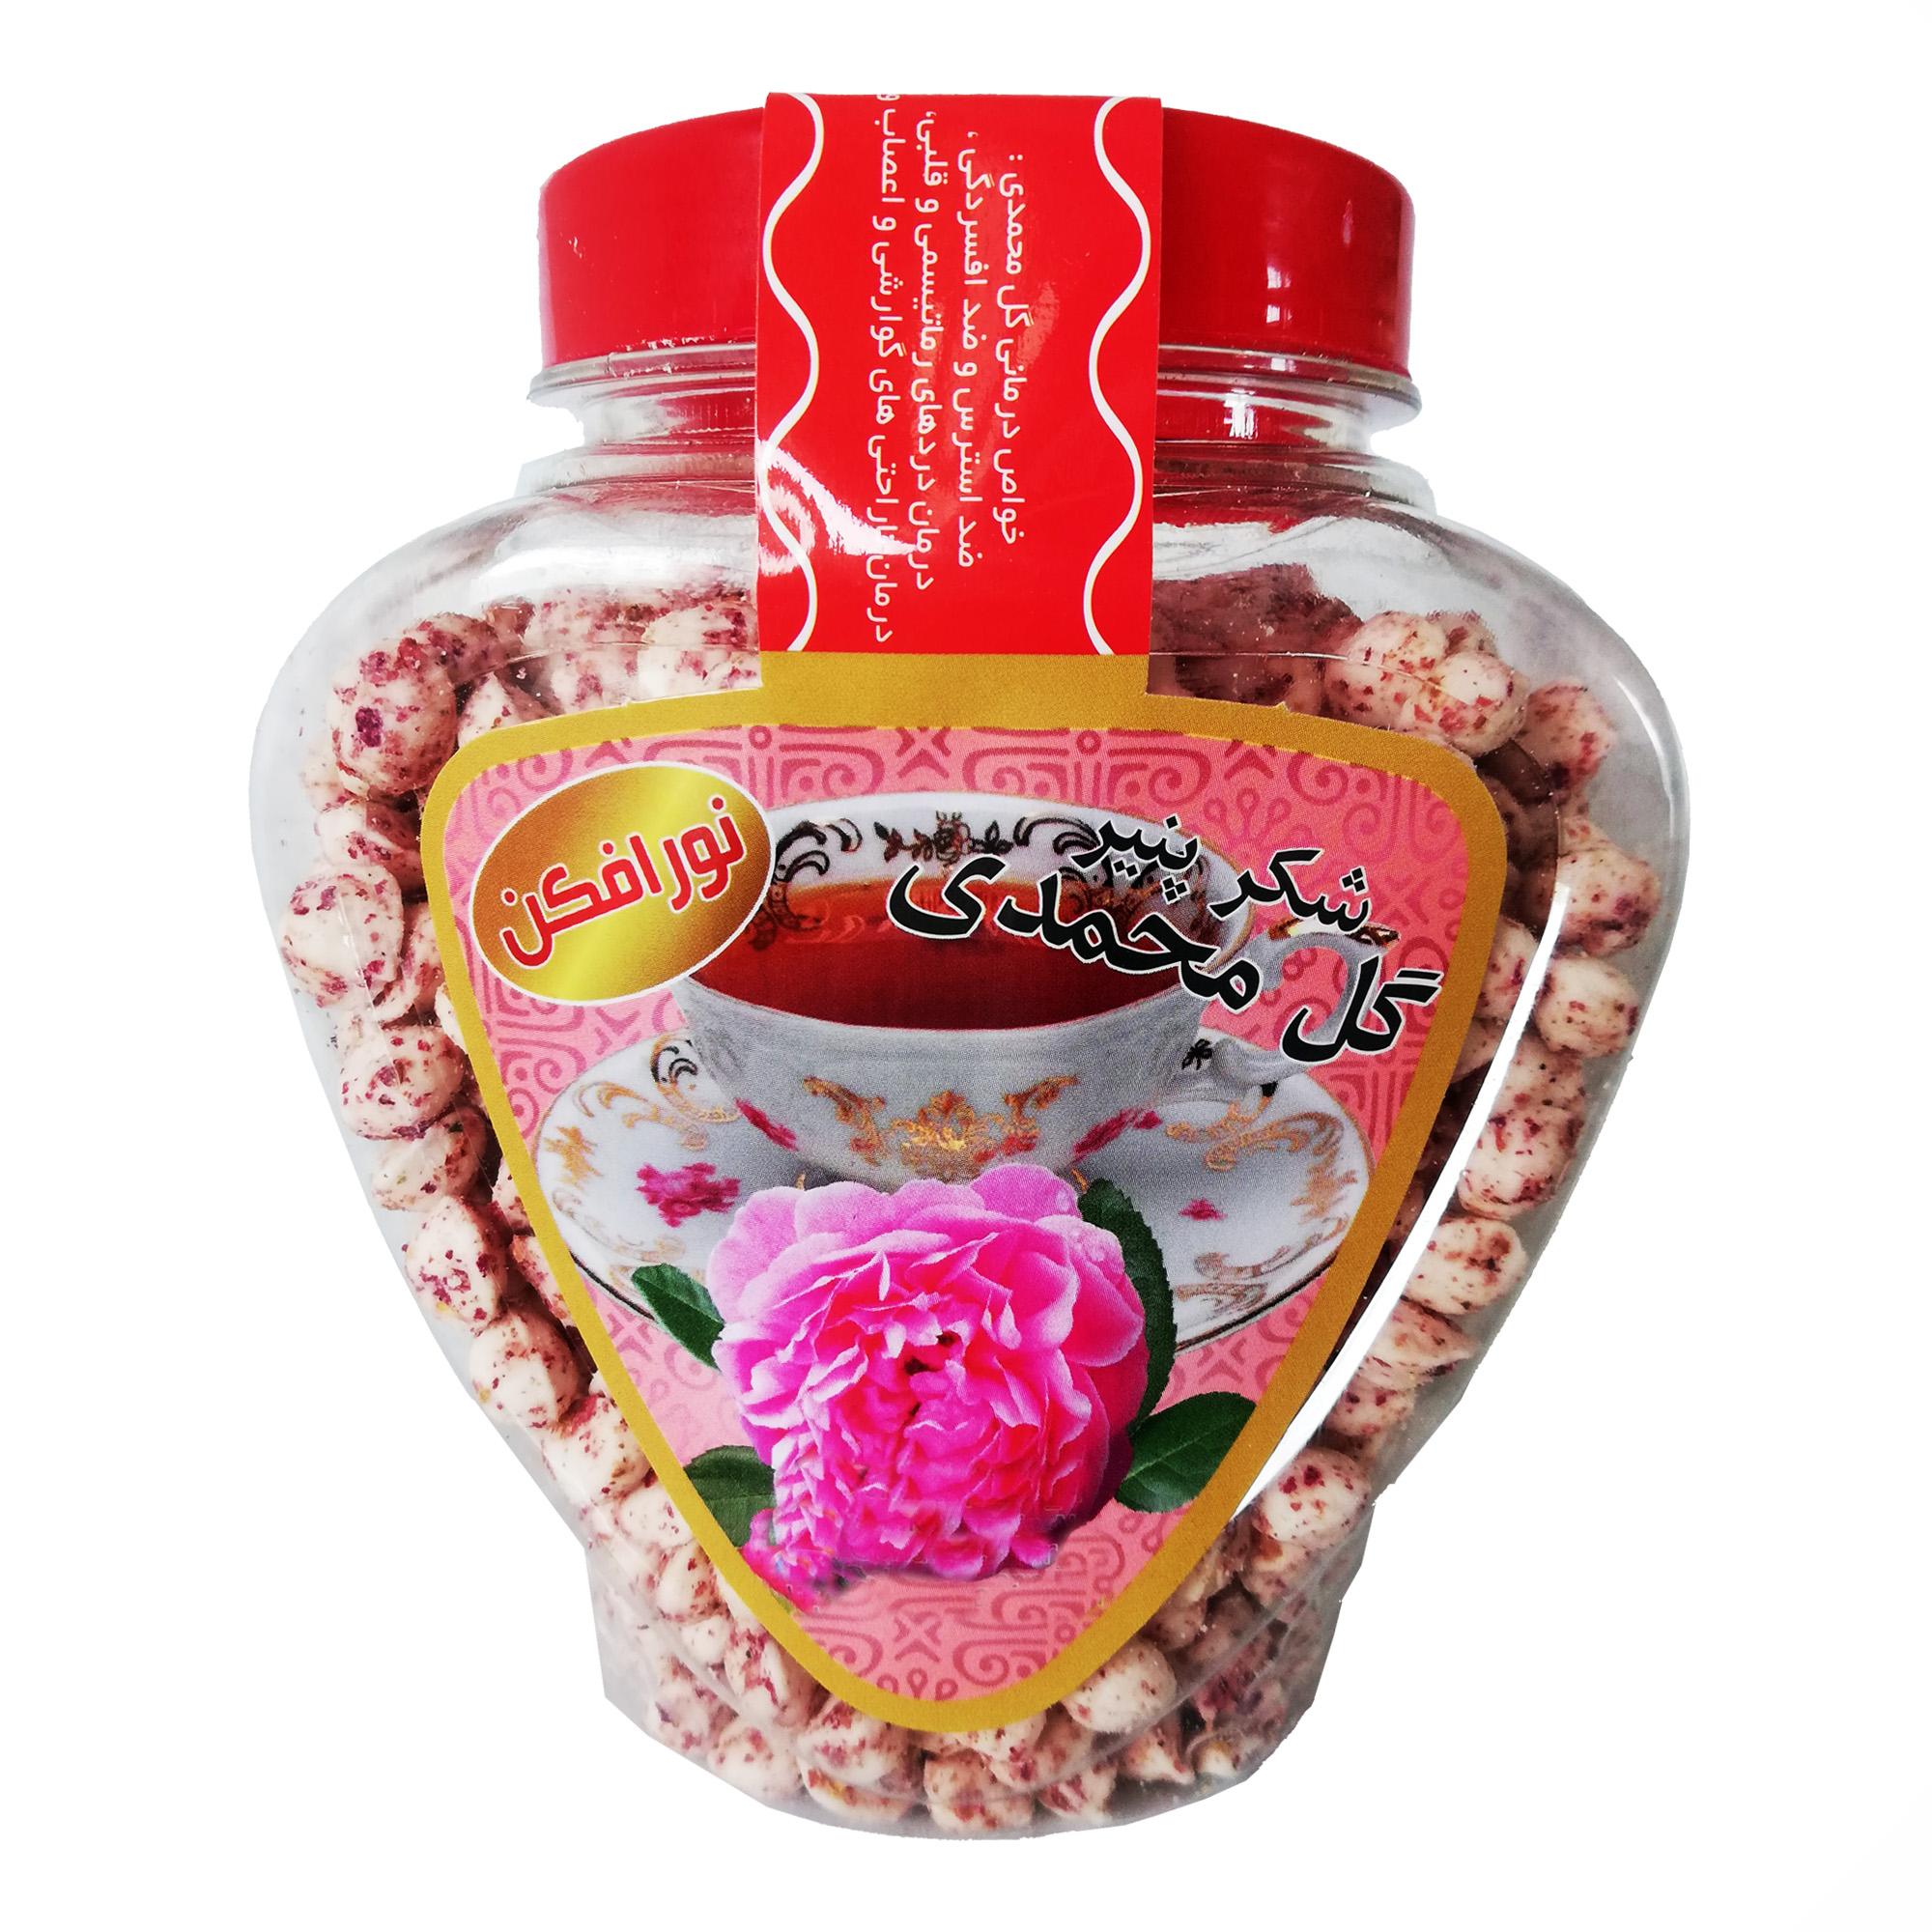 شکر پنیر رژیمی نورافکن با طعم گل محمدی طبیعی - 400 گرم